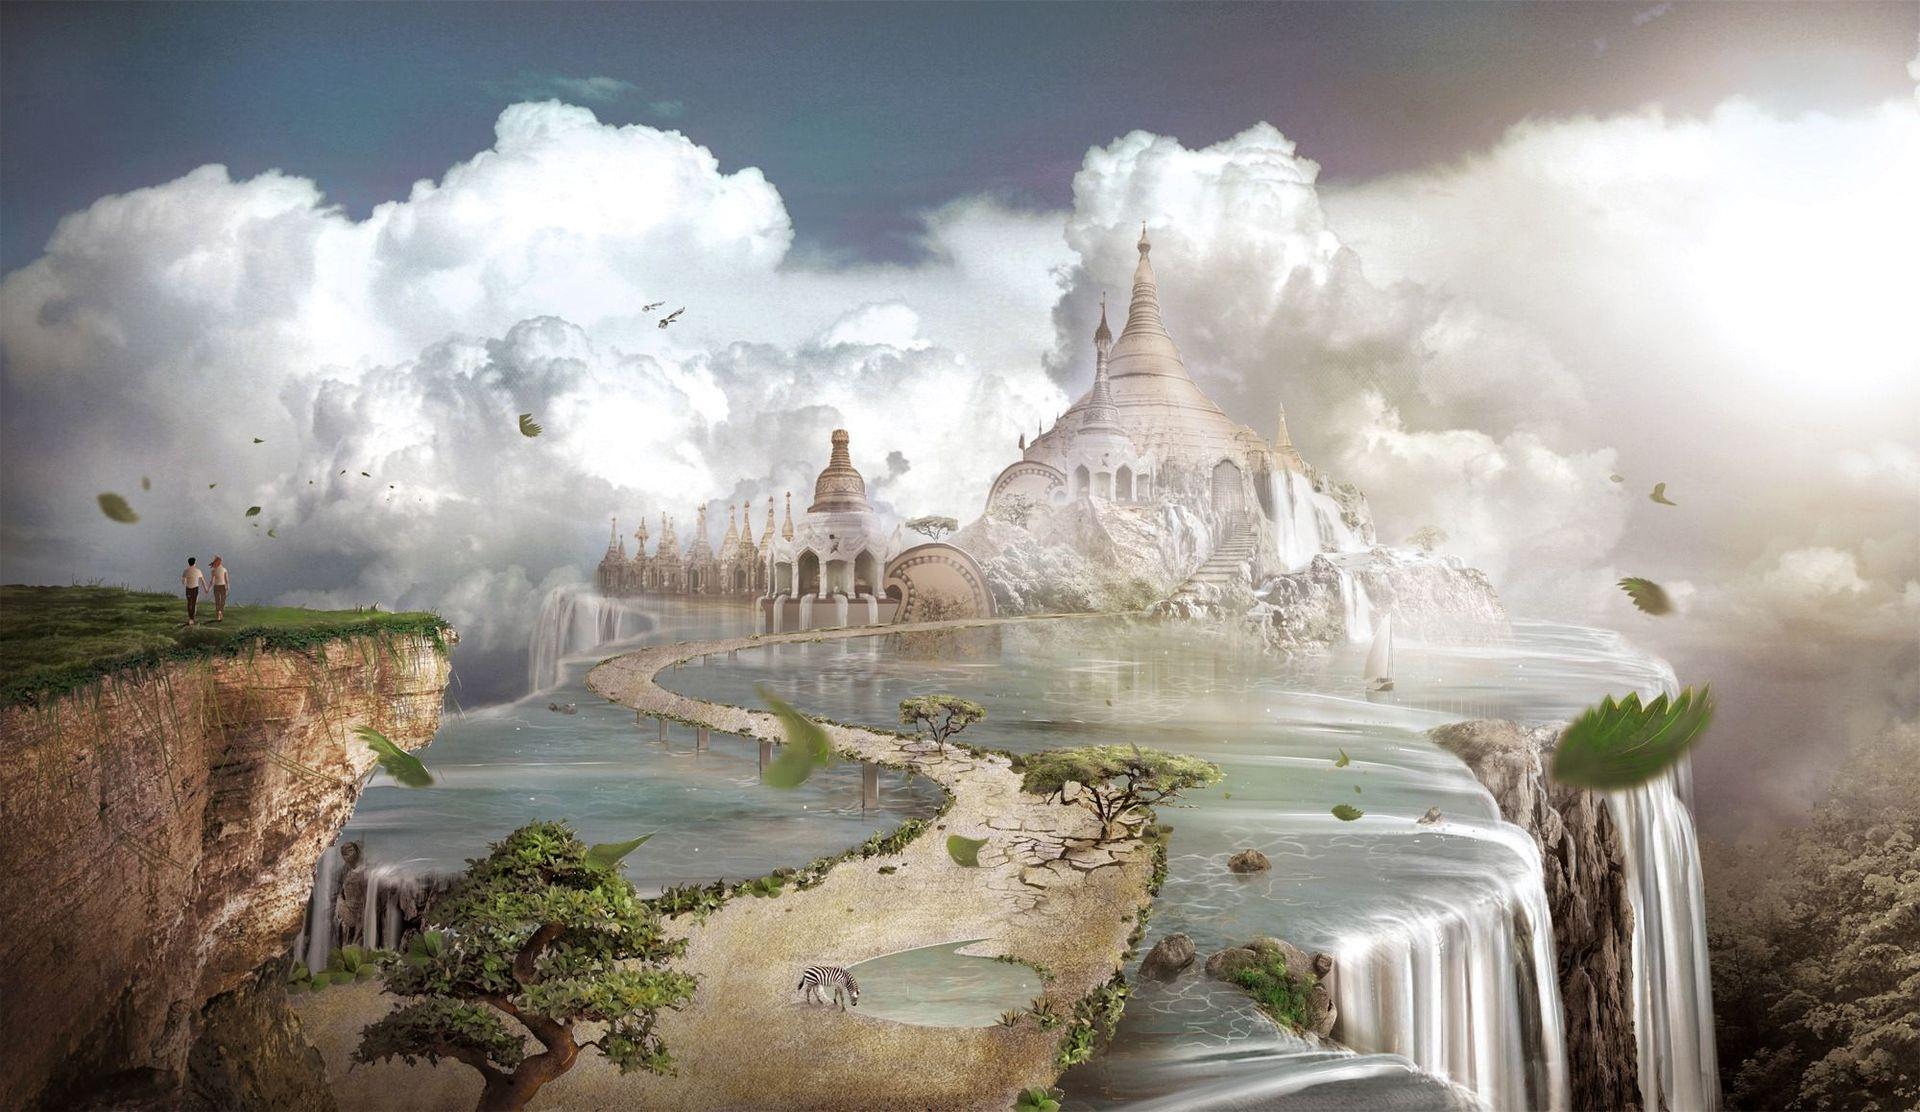 купить фантастические сказочные миры картинки увидите